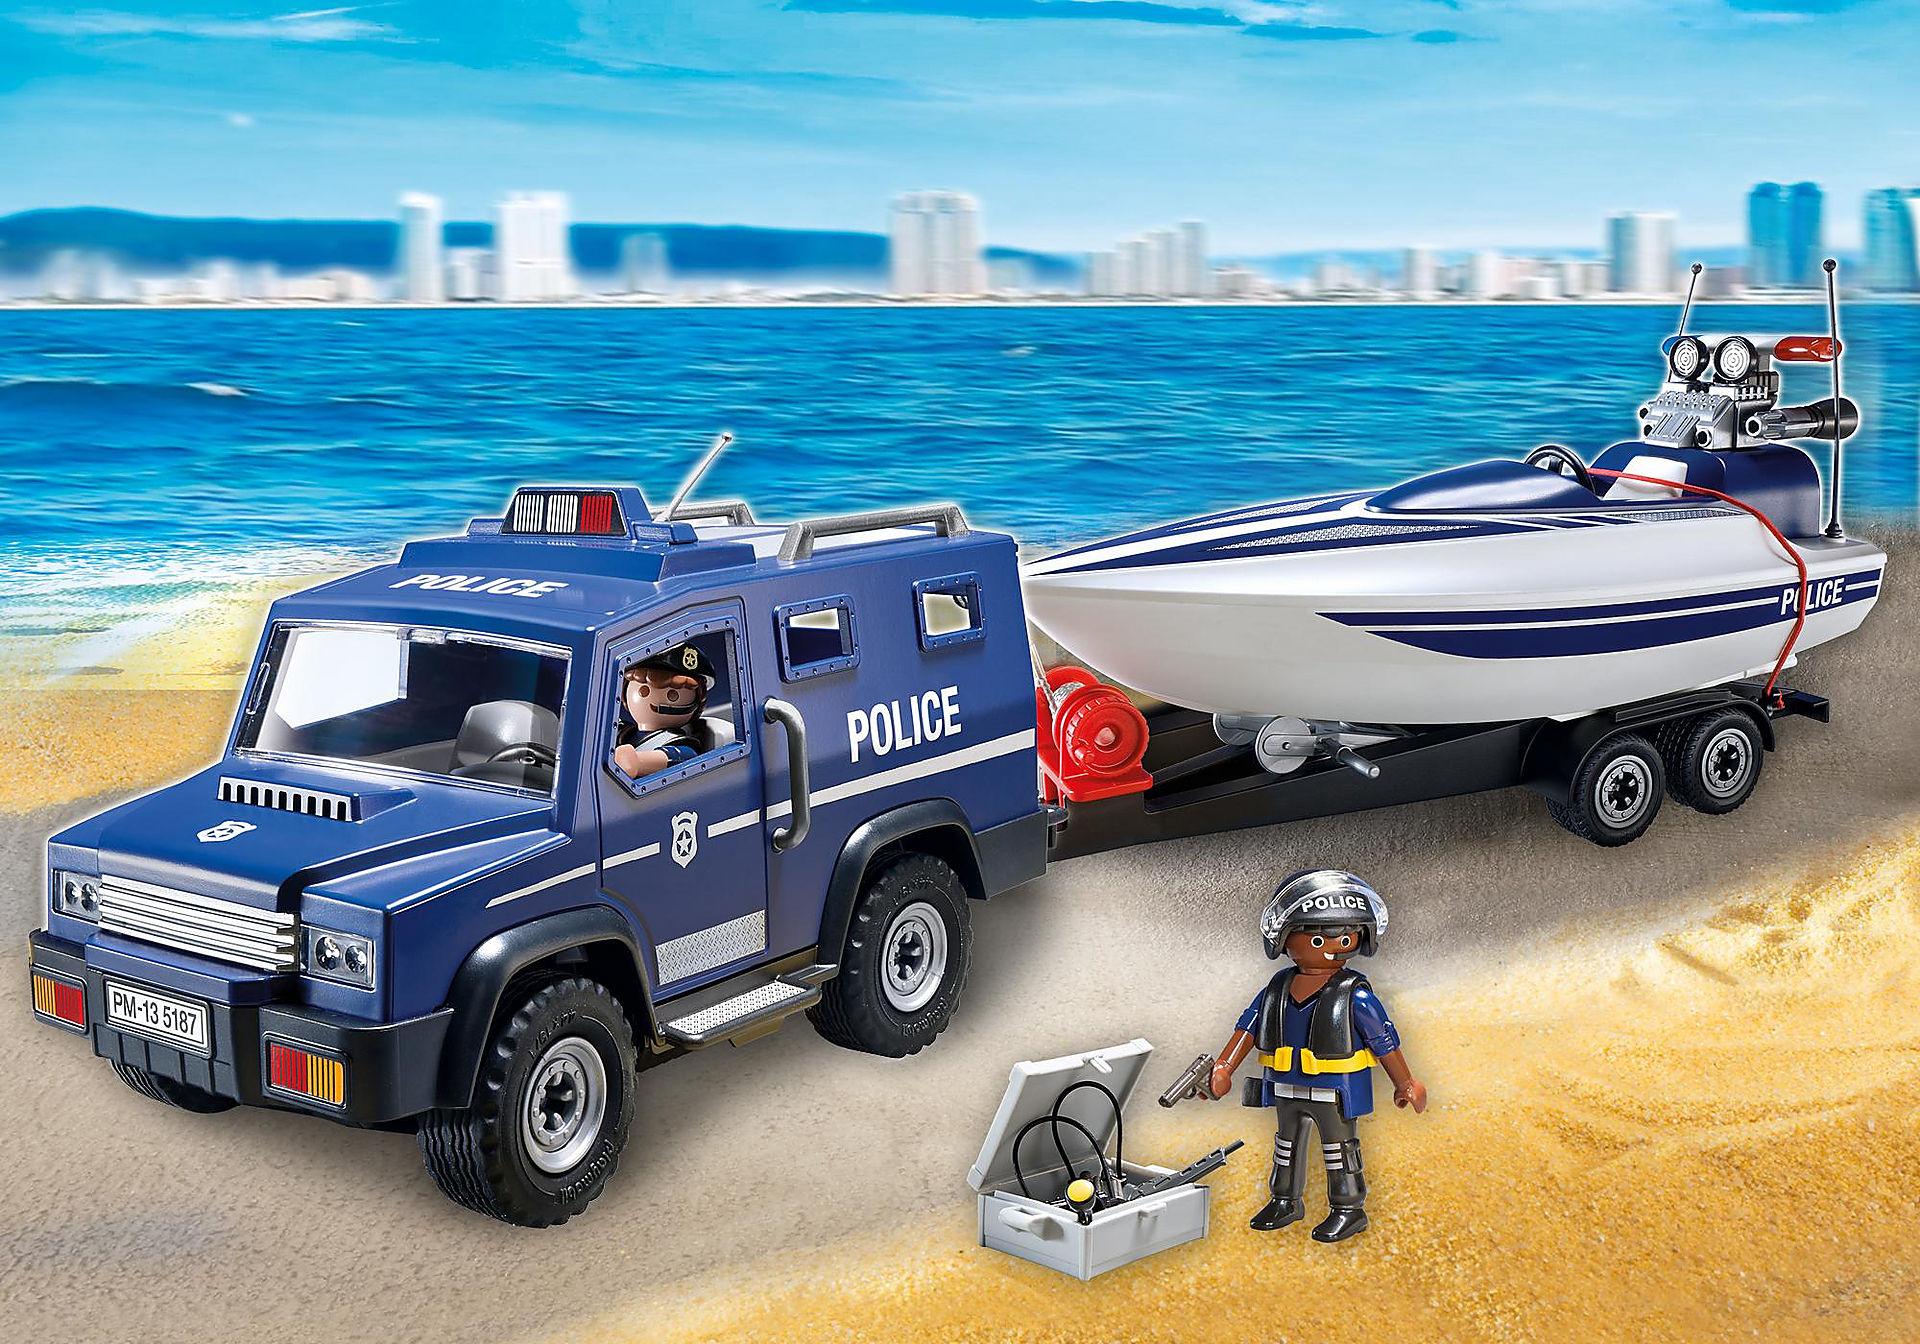 http://media.playmobil.com/i/playmobil/5187_product_detail/Camião da Polícia com lancha